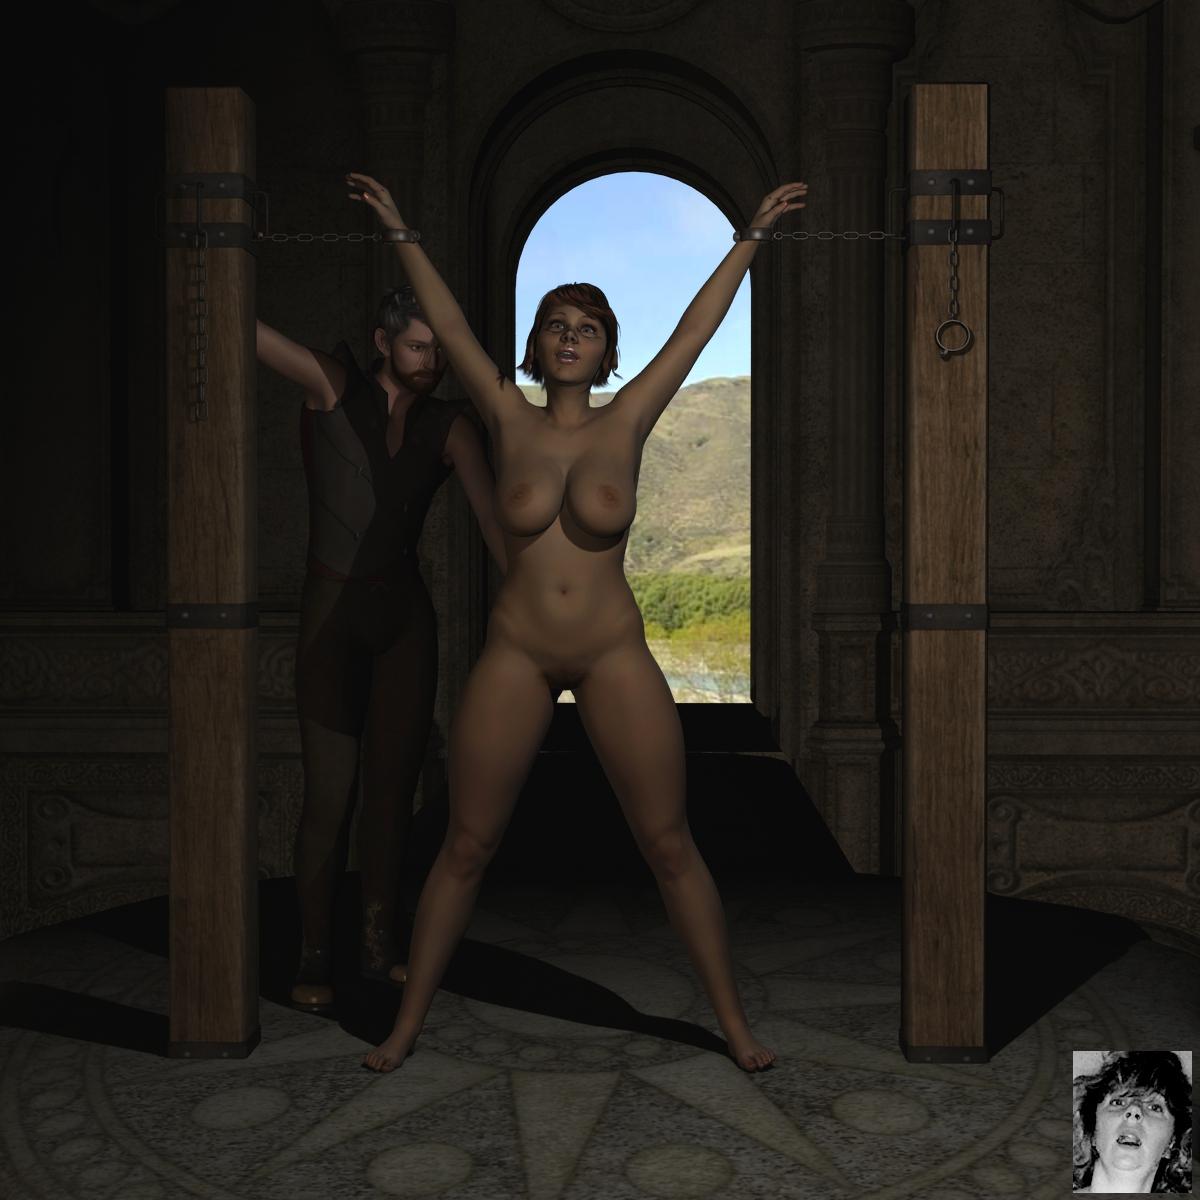 Nude girl torture rack